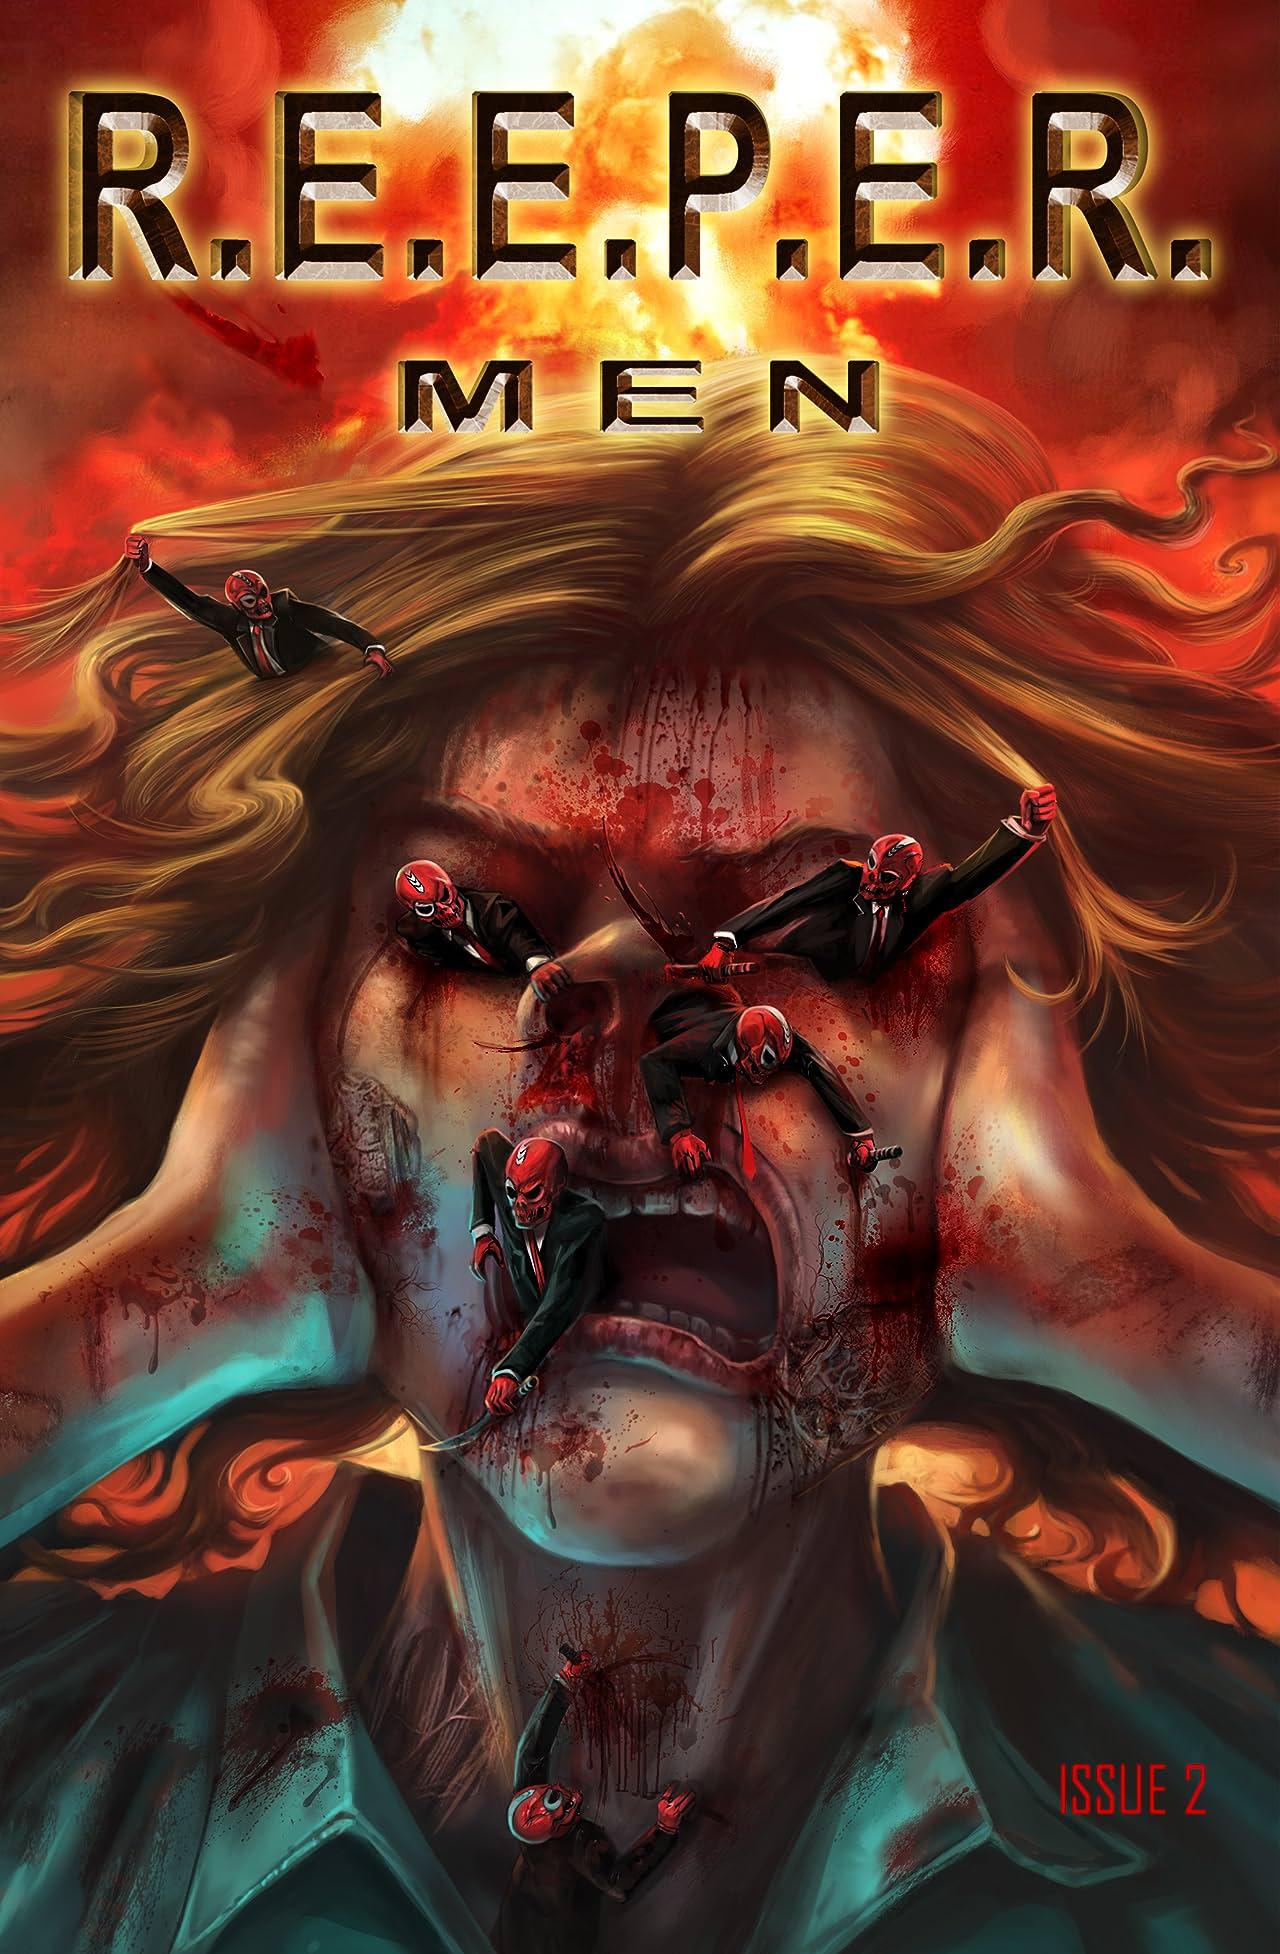 R.E.E.P.E.R. Men #2